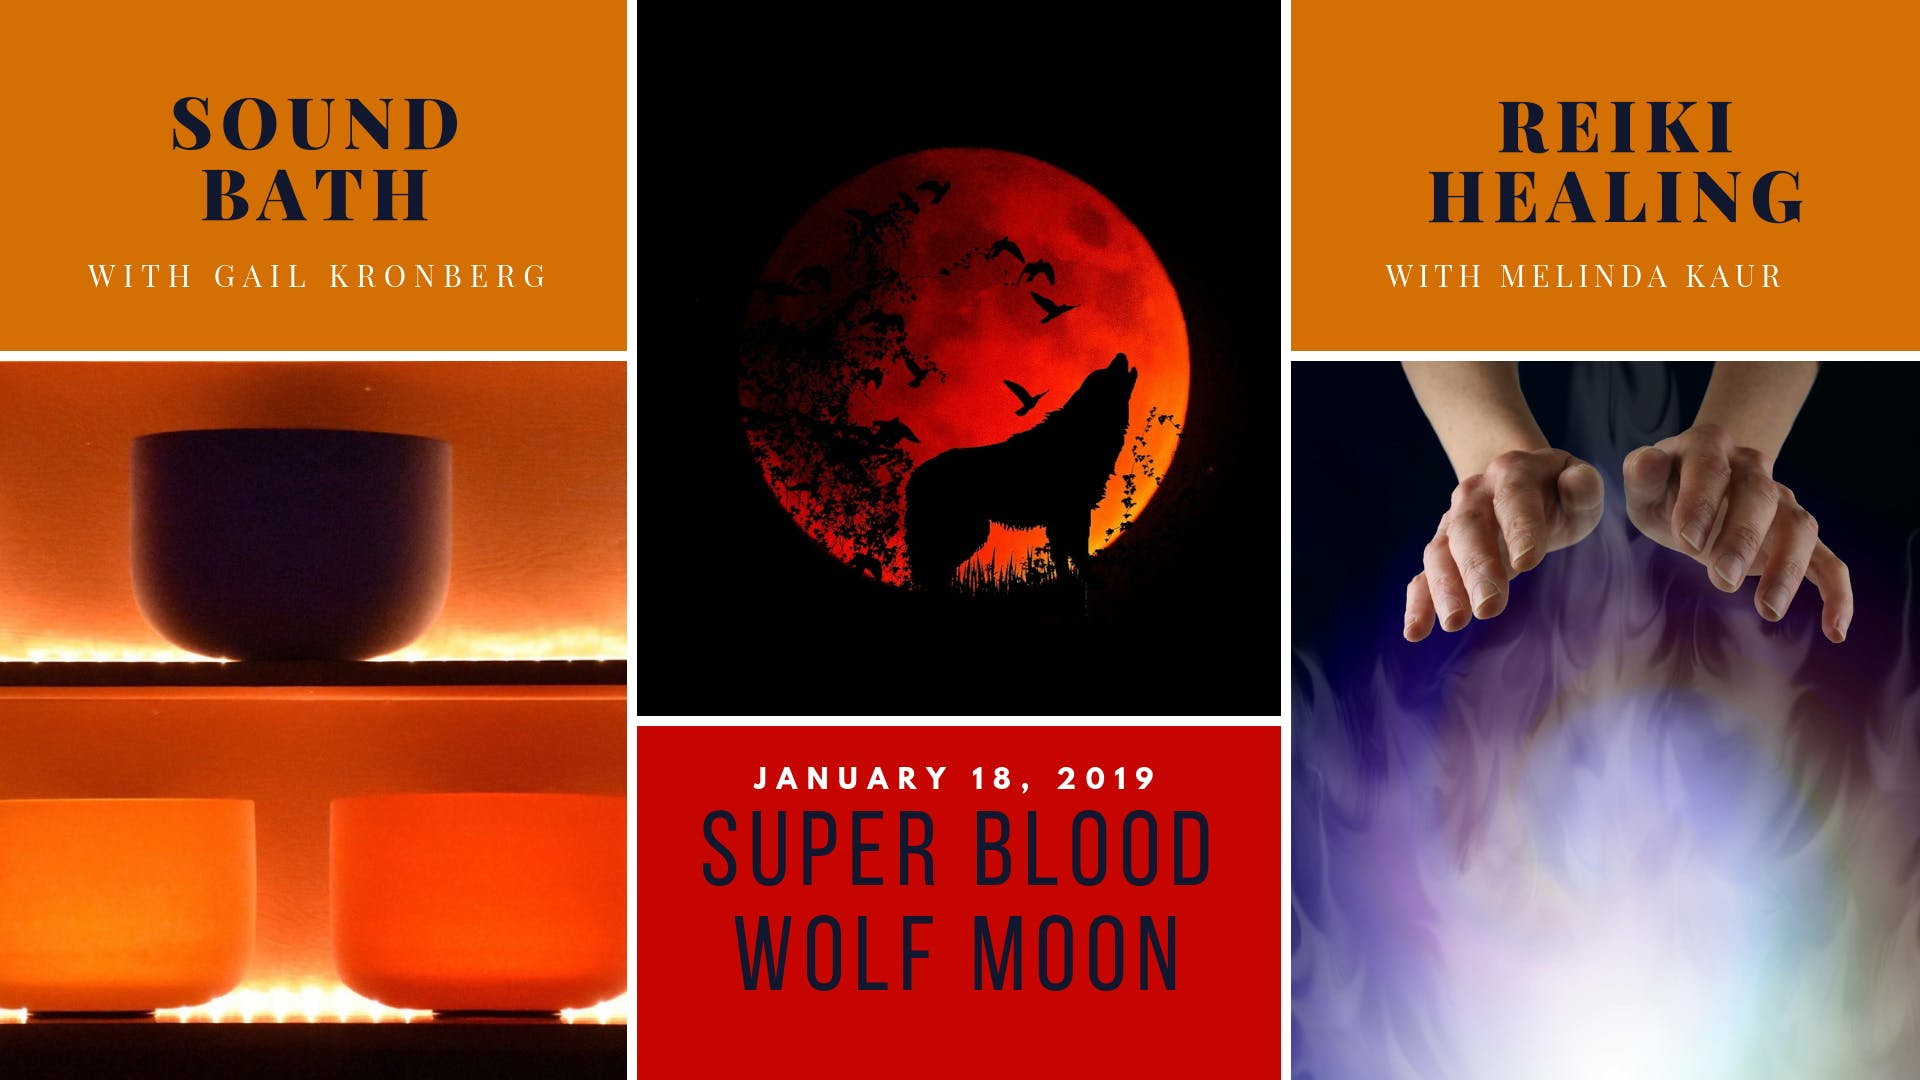 Super Blood Wolf Moon Sound Bath & Reiki Heal